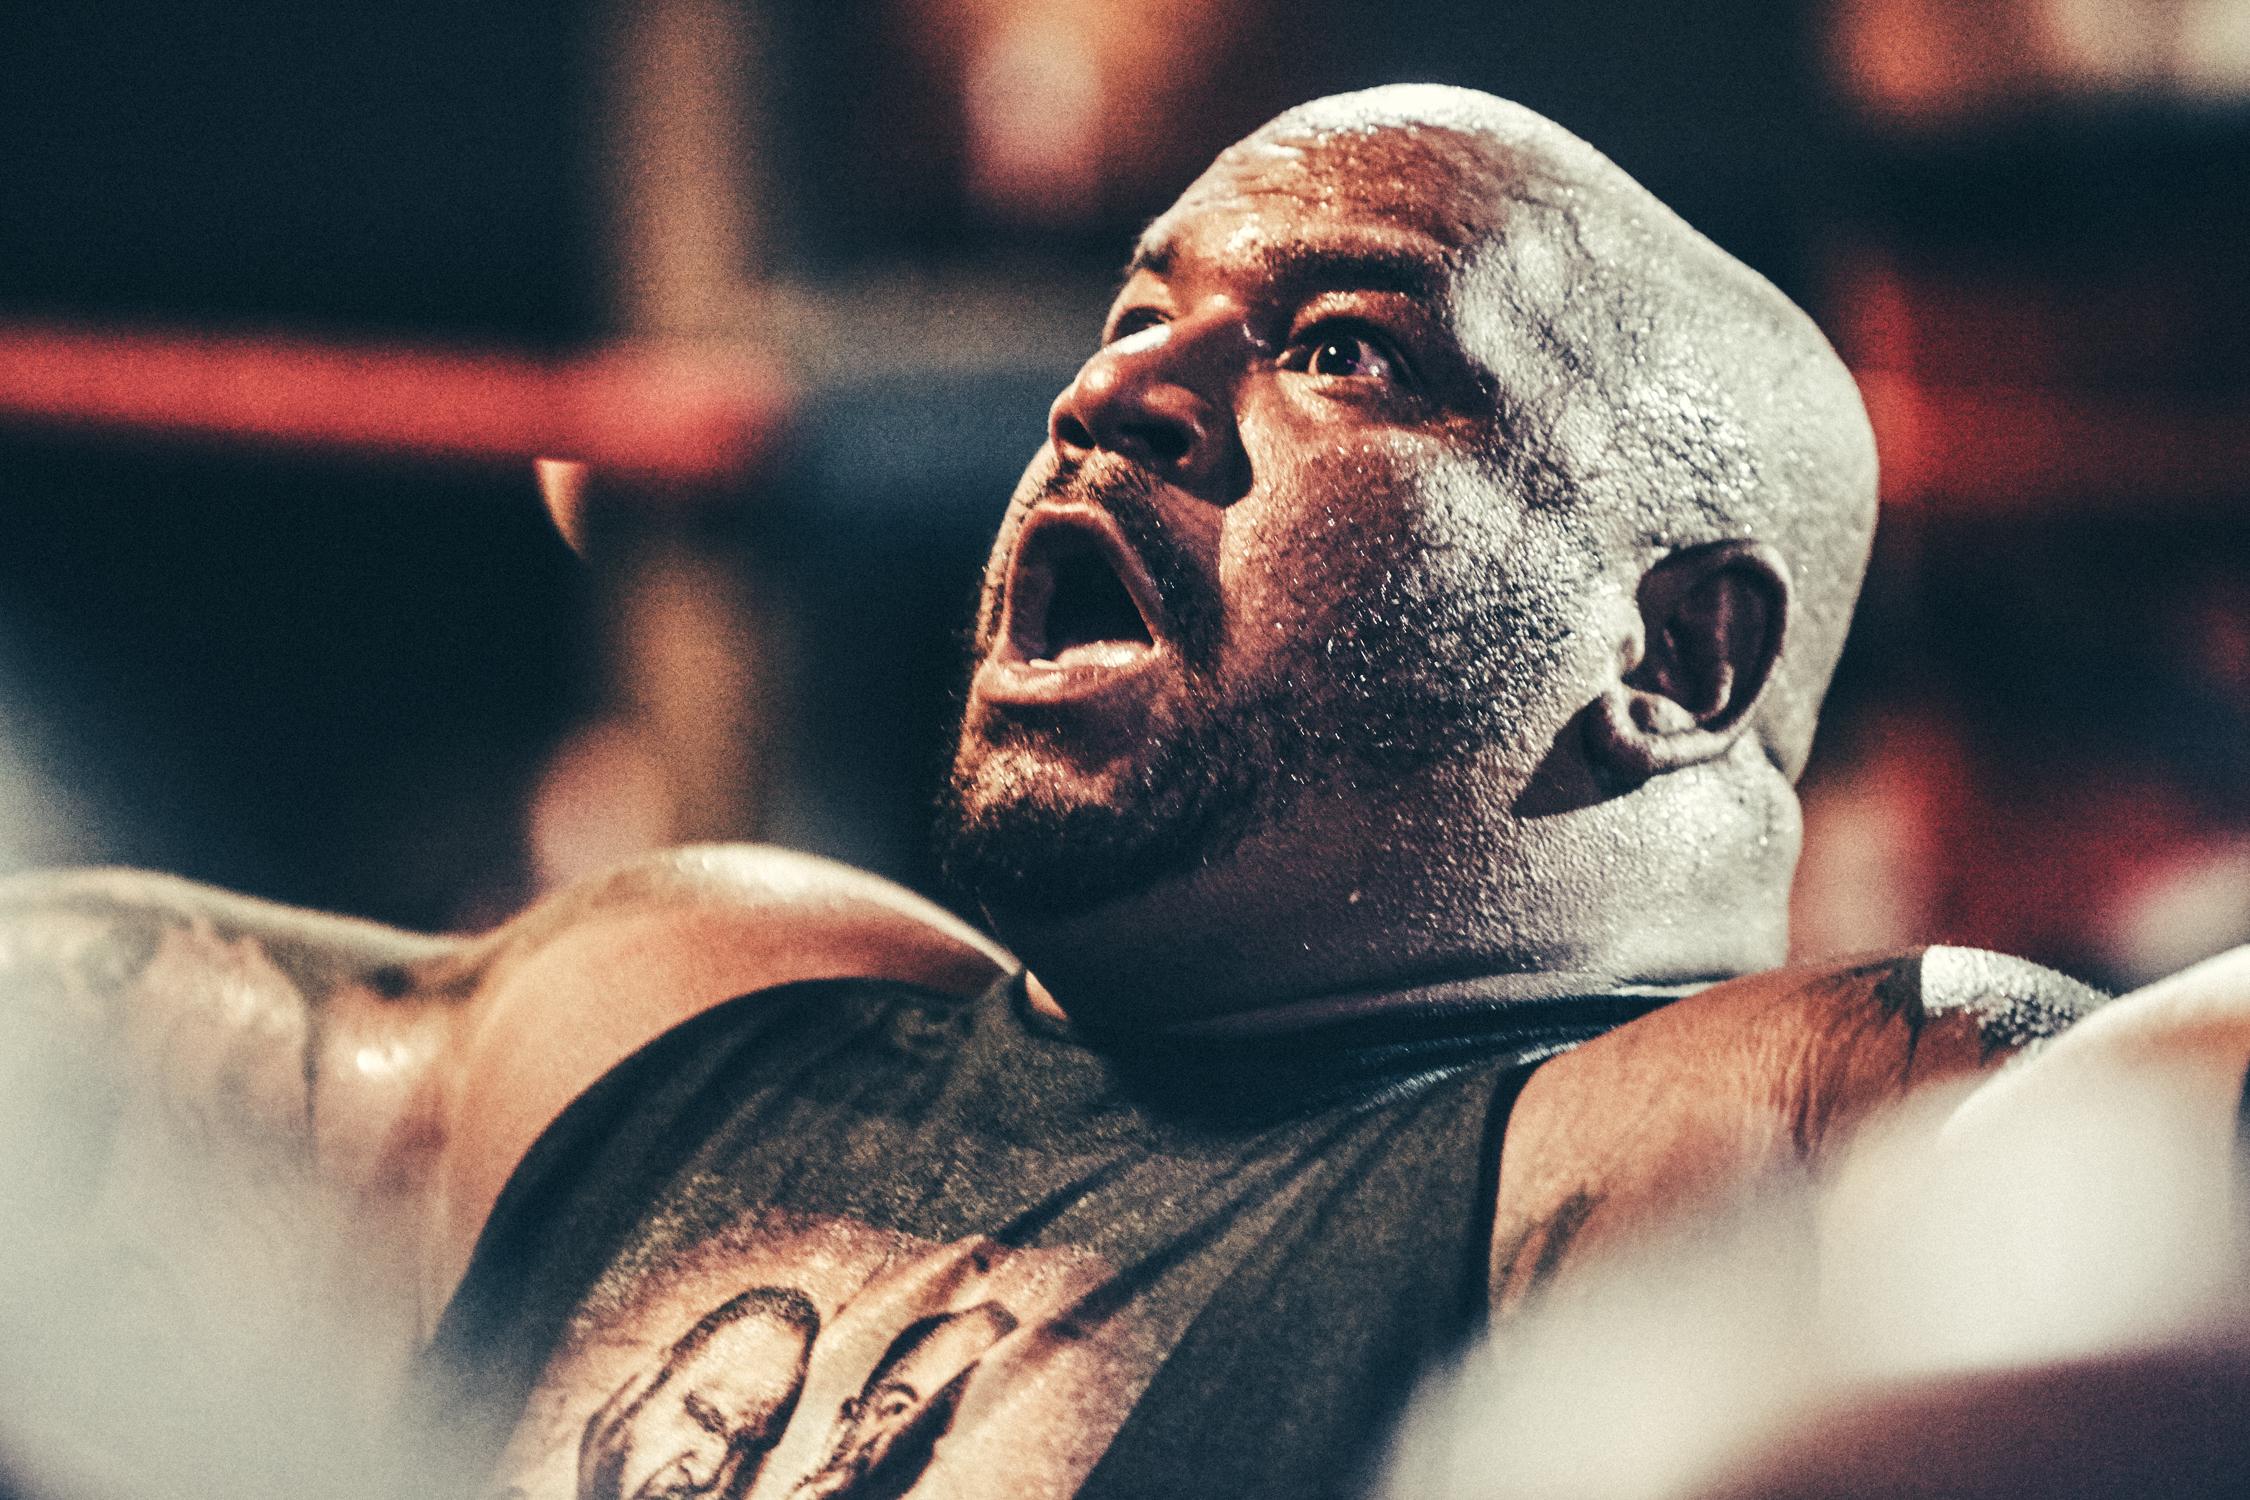 wrestling_44.jpg